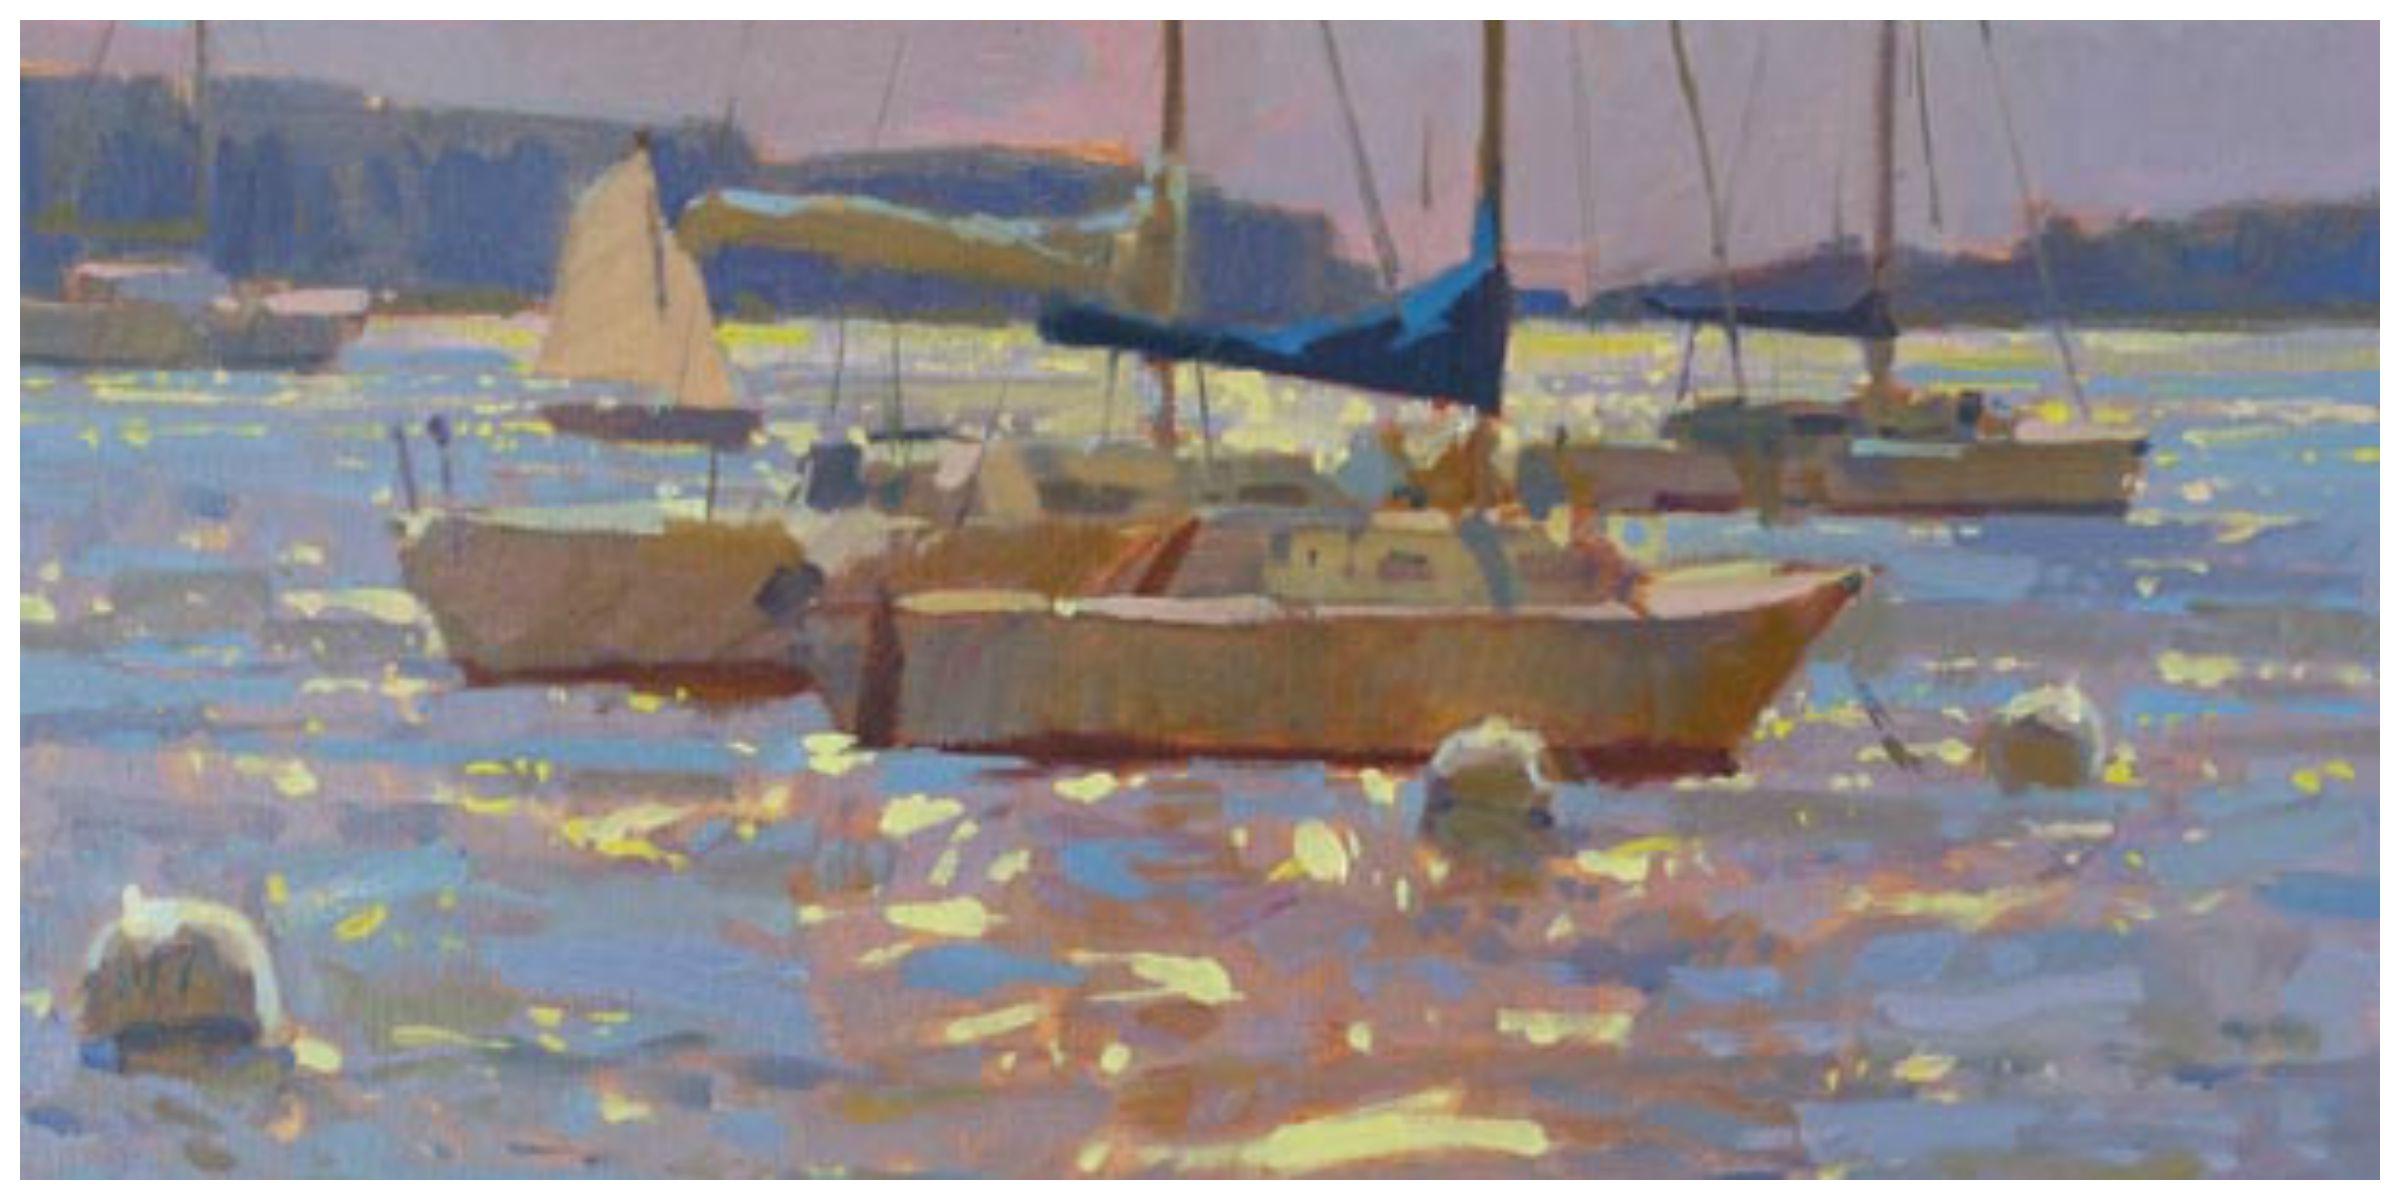 harbor-glare-resize-banner1.jpg